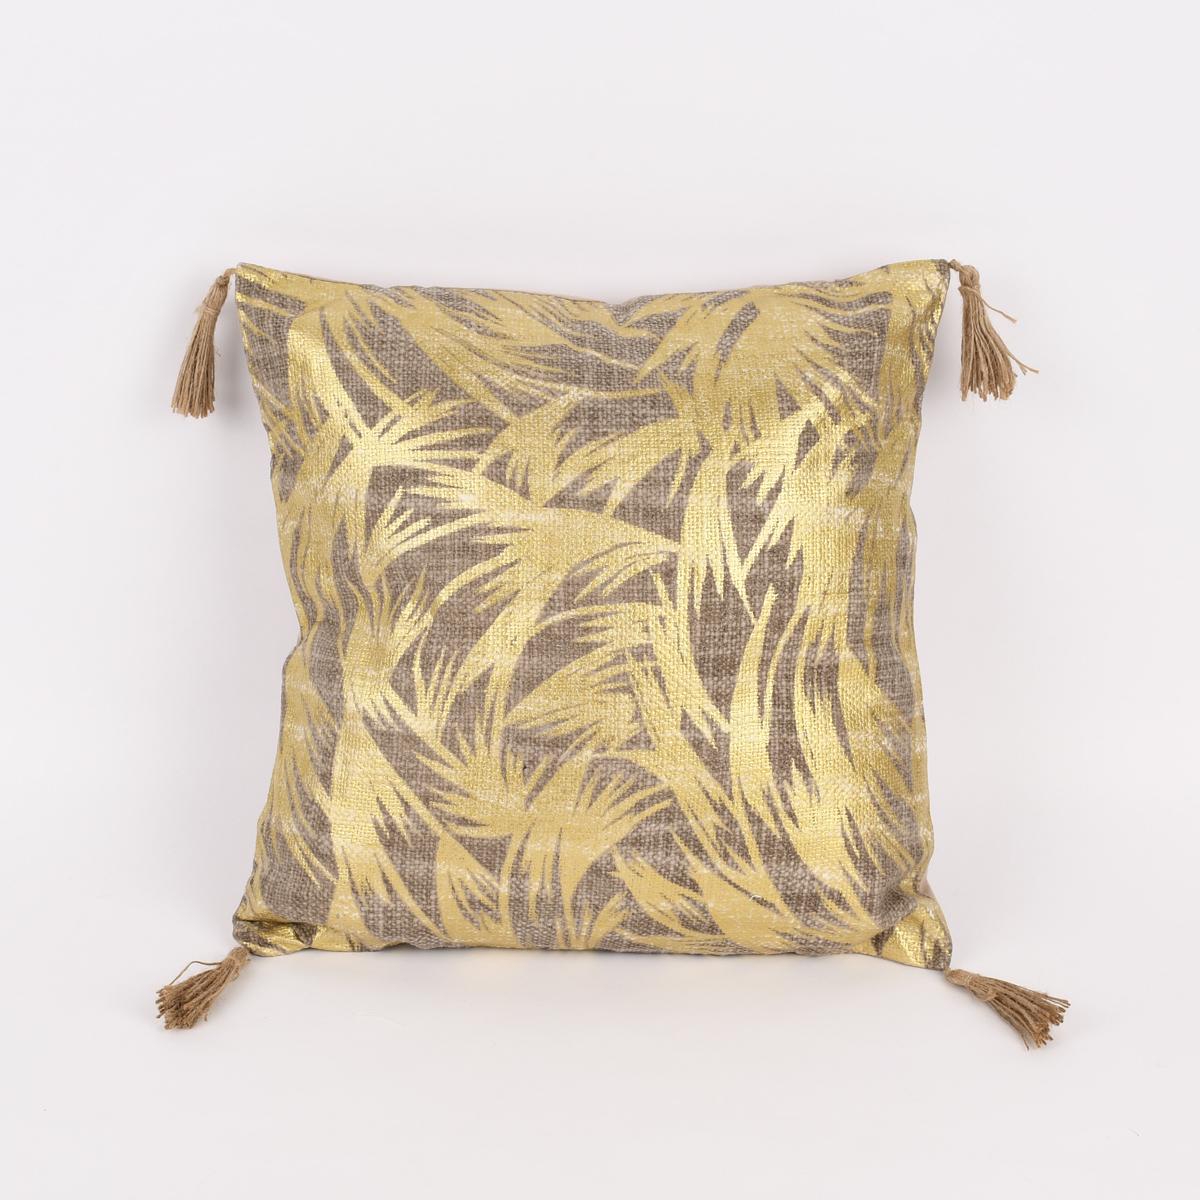 Deko Kissen abstrakt mit Quasten Leinenoptik natur goldfarbig 40x40cm